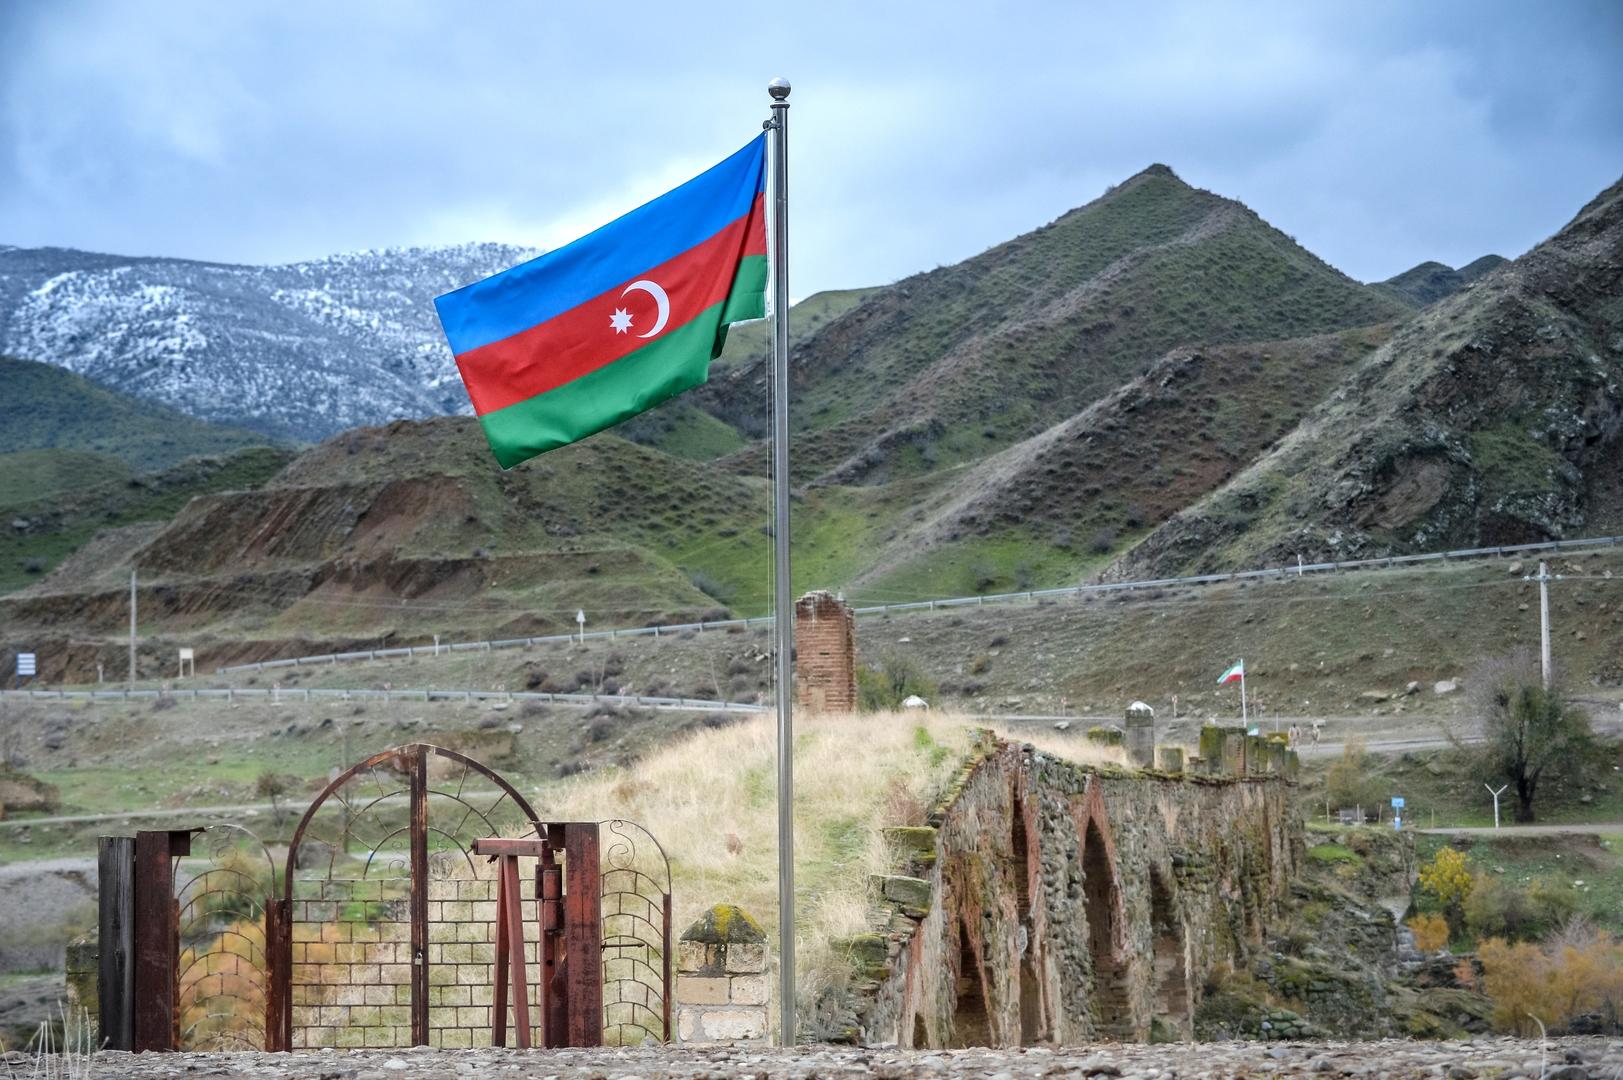 أذربيجان تغلق مكتب ممثلية المرشد الايراني في باكو والمسجد التابع له